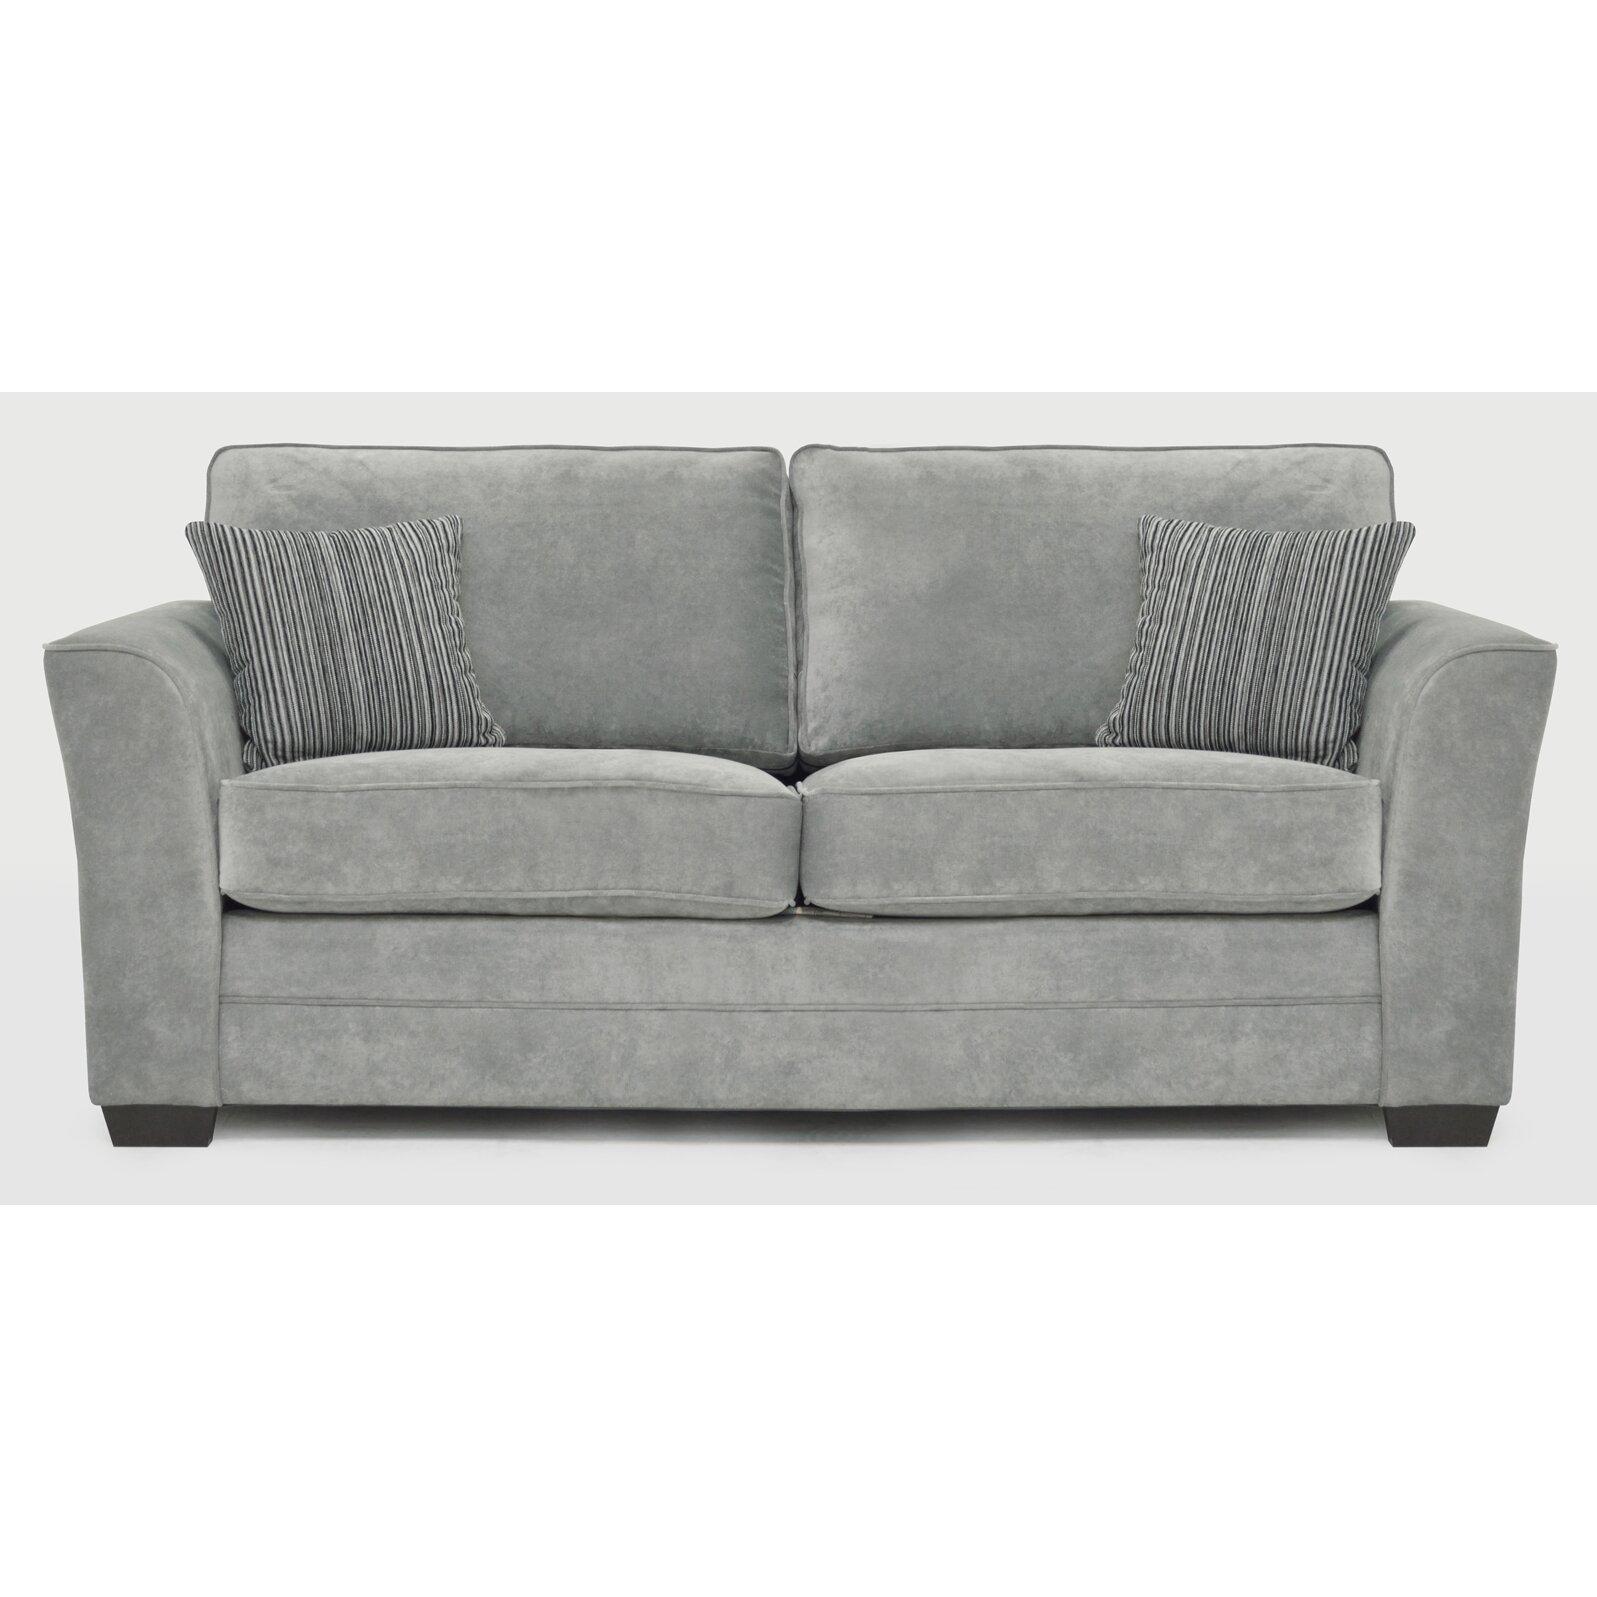 Sofa factory 3 sitzer sofa artena bewertungen Sofa dampfreiniger